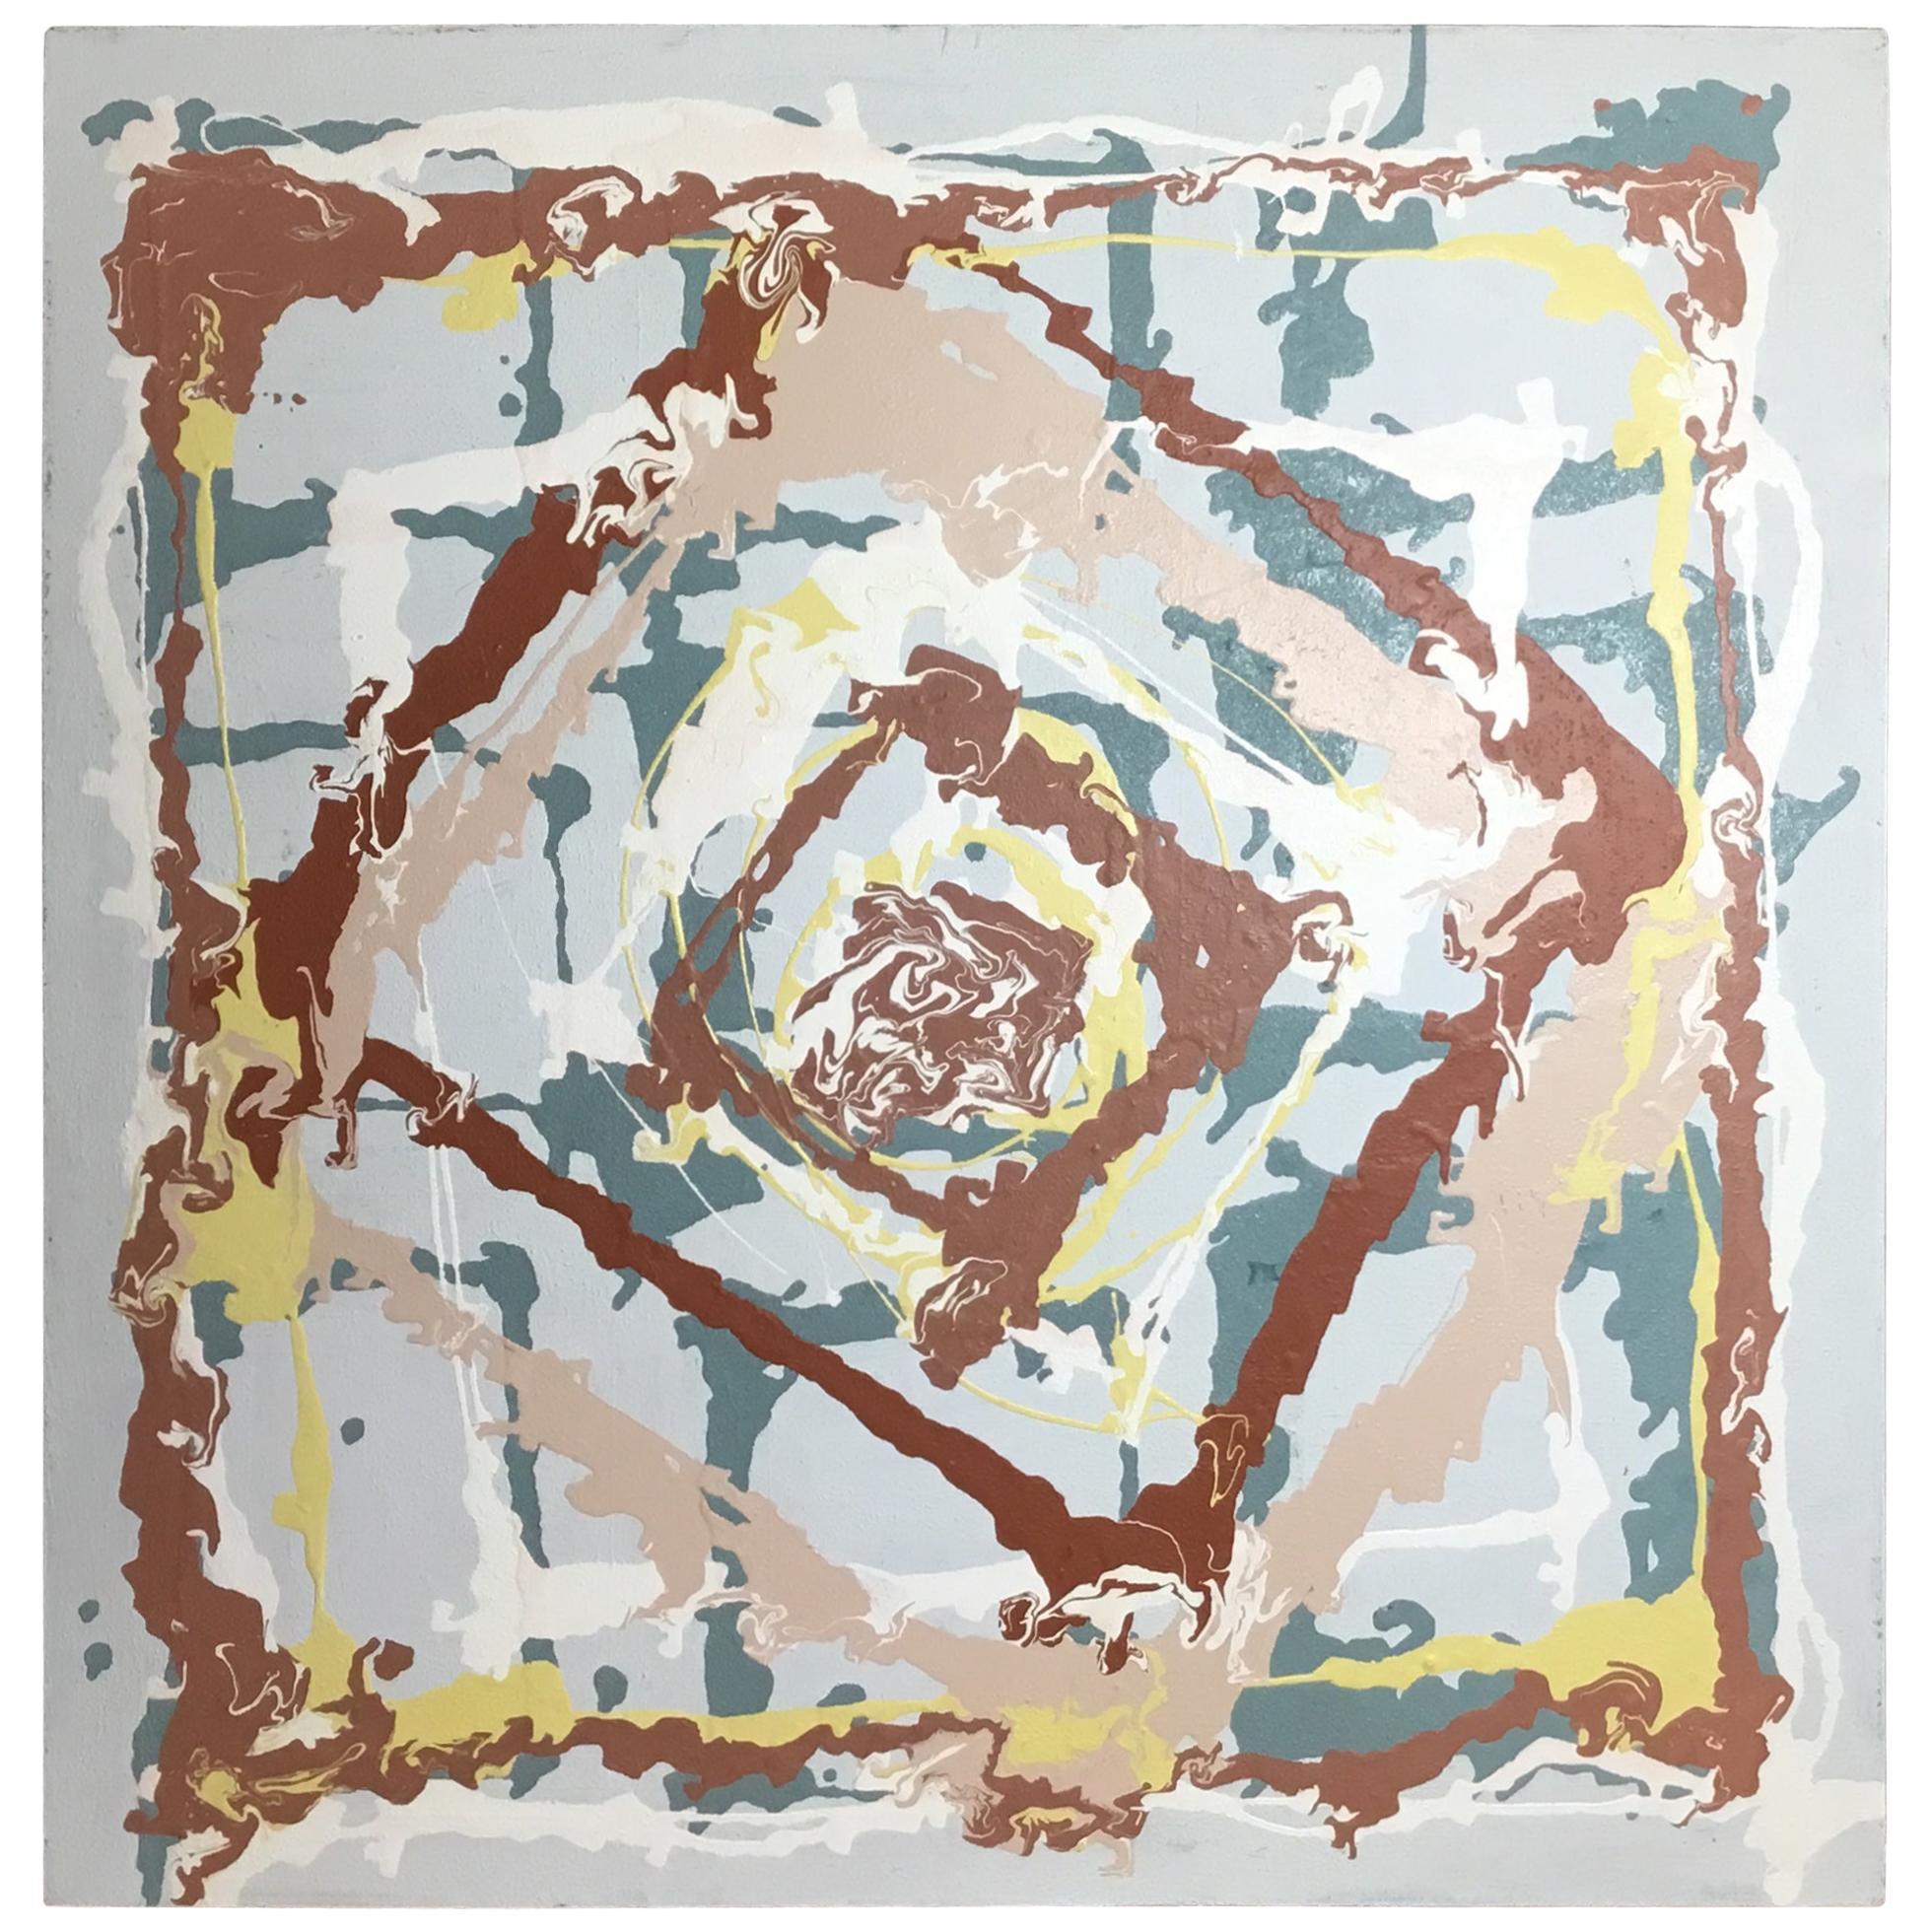 Joseph Malekan 'Delray Beach' Abstract Mixed-Media Painting